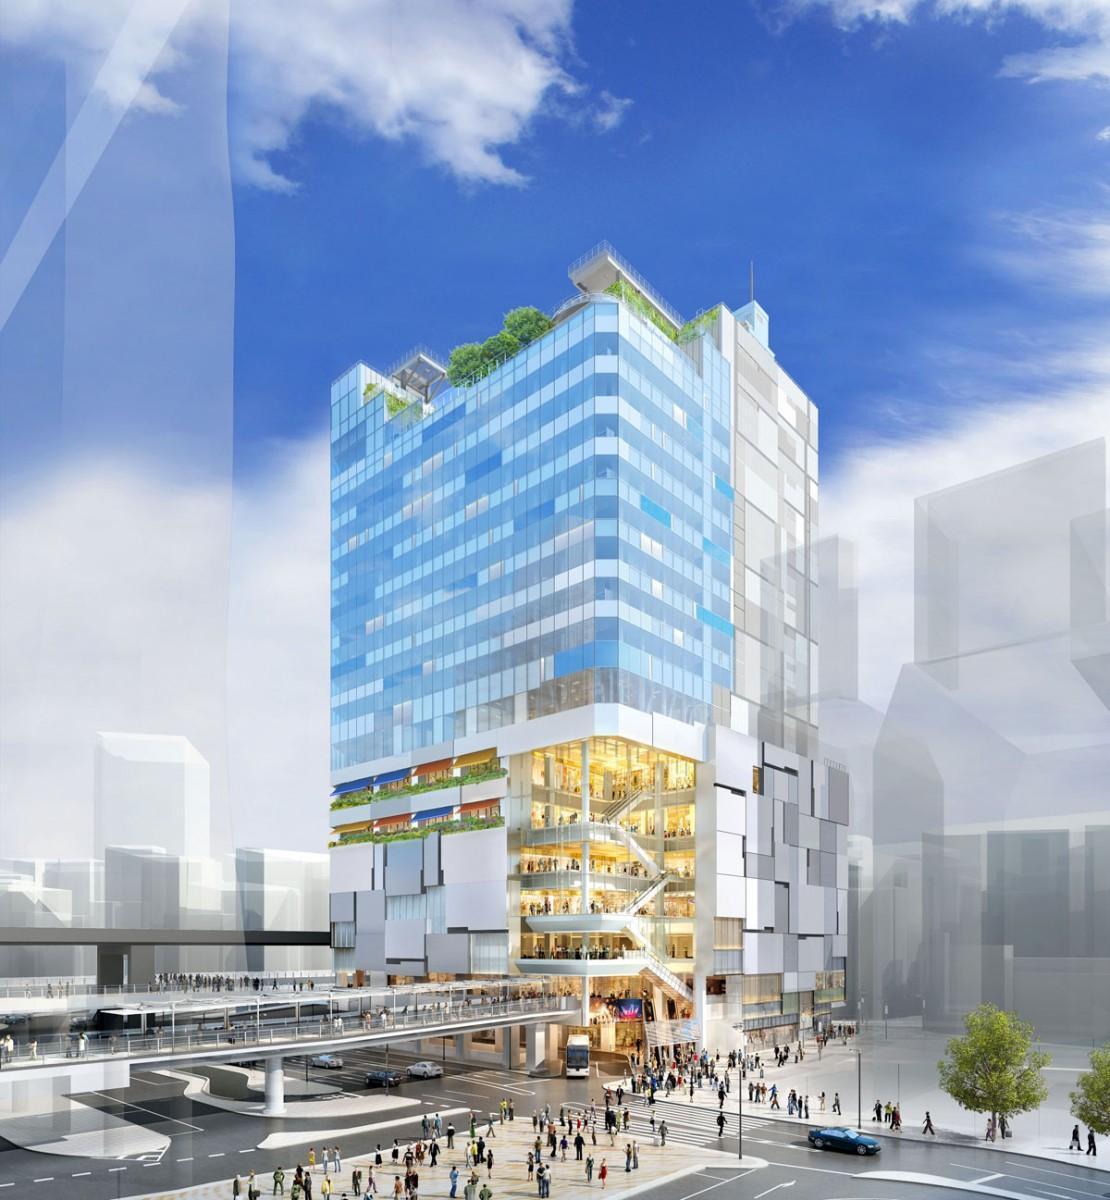 「渋谷フクラス」外観イメージ(北東側)